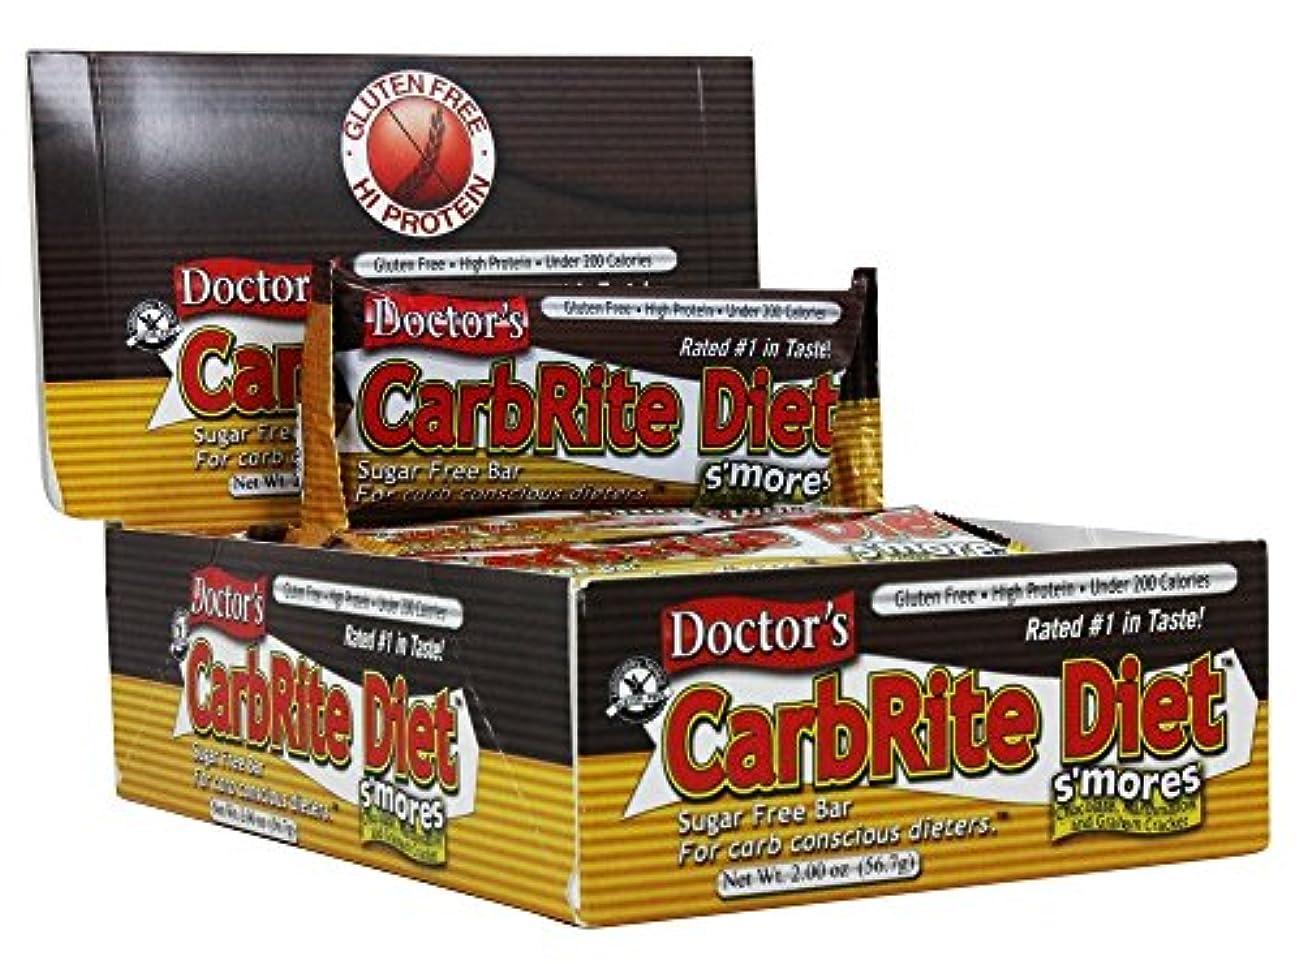 基本的な正直全国Universal Nutrition, Doctor's CarbRite Diet Bar, Sugar Free, Smores, 12 Bars, 2.00 oz (56.7 g) Each